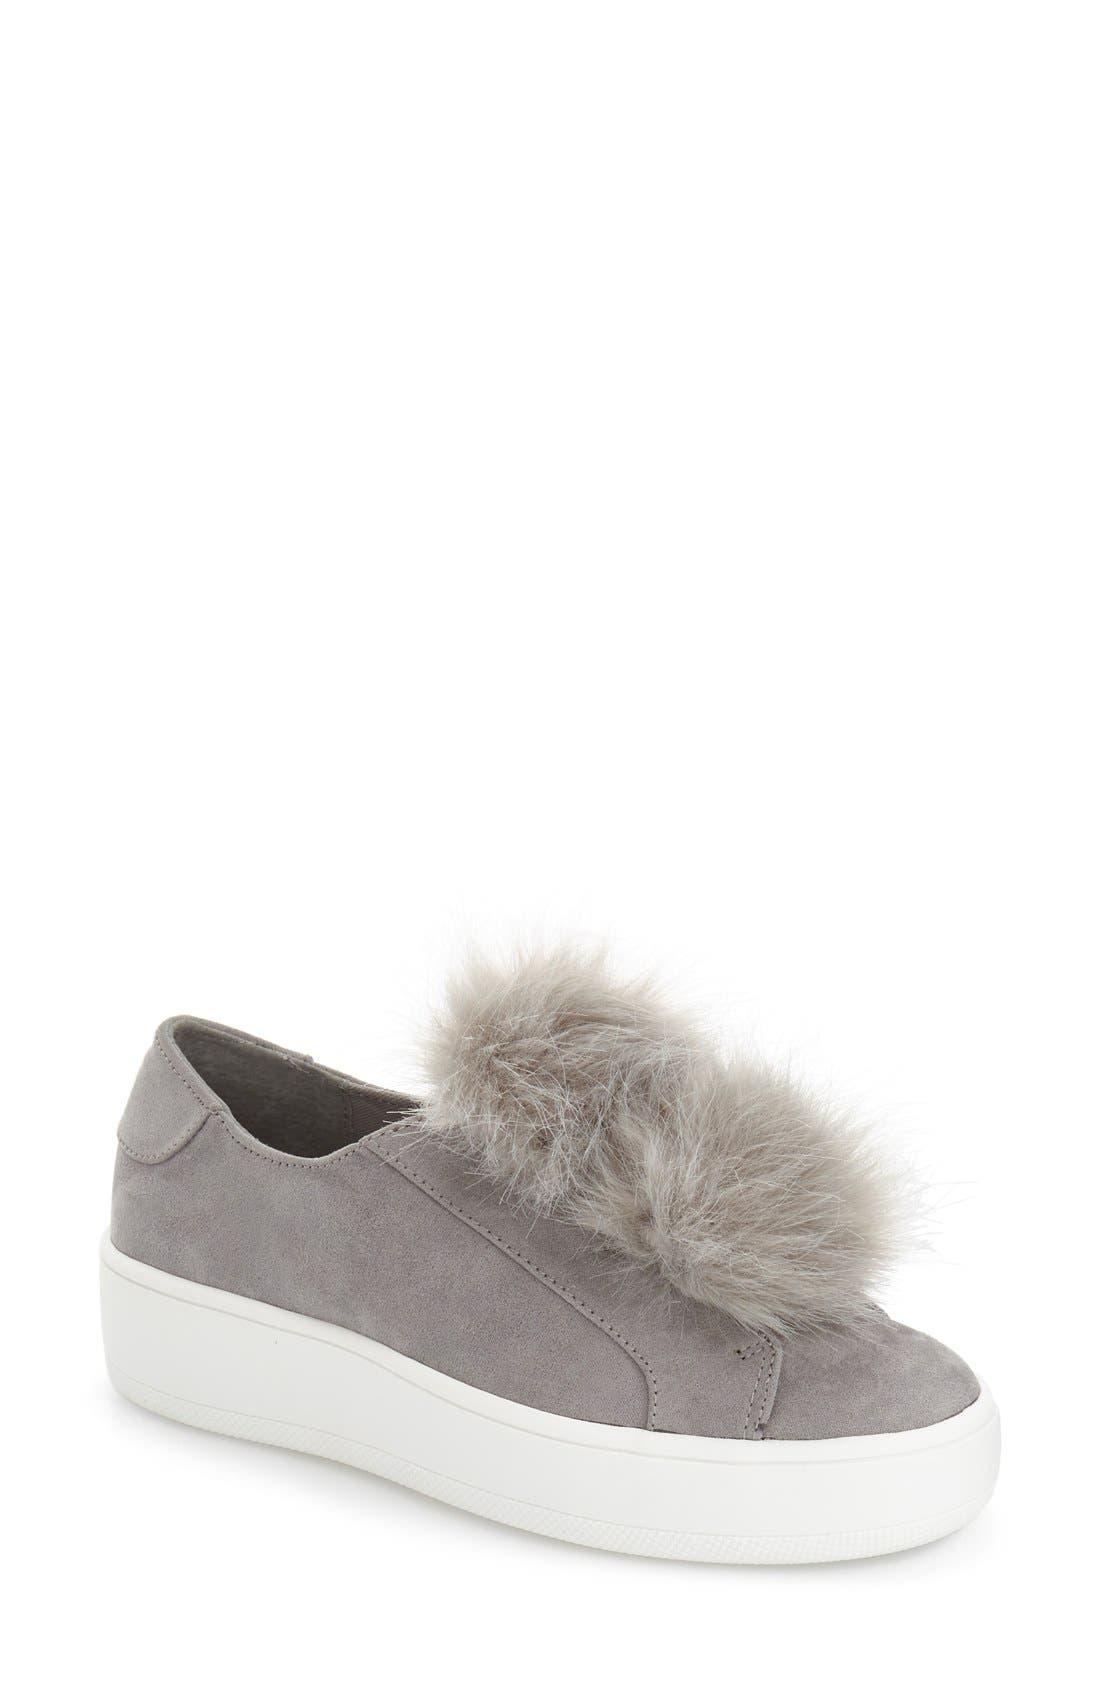 Alternate Image 1 Selected - Steve Madden 'Bryanne' Puffball Platform Sneaker (Women)